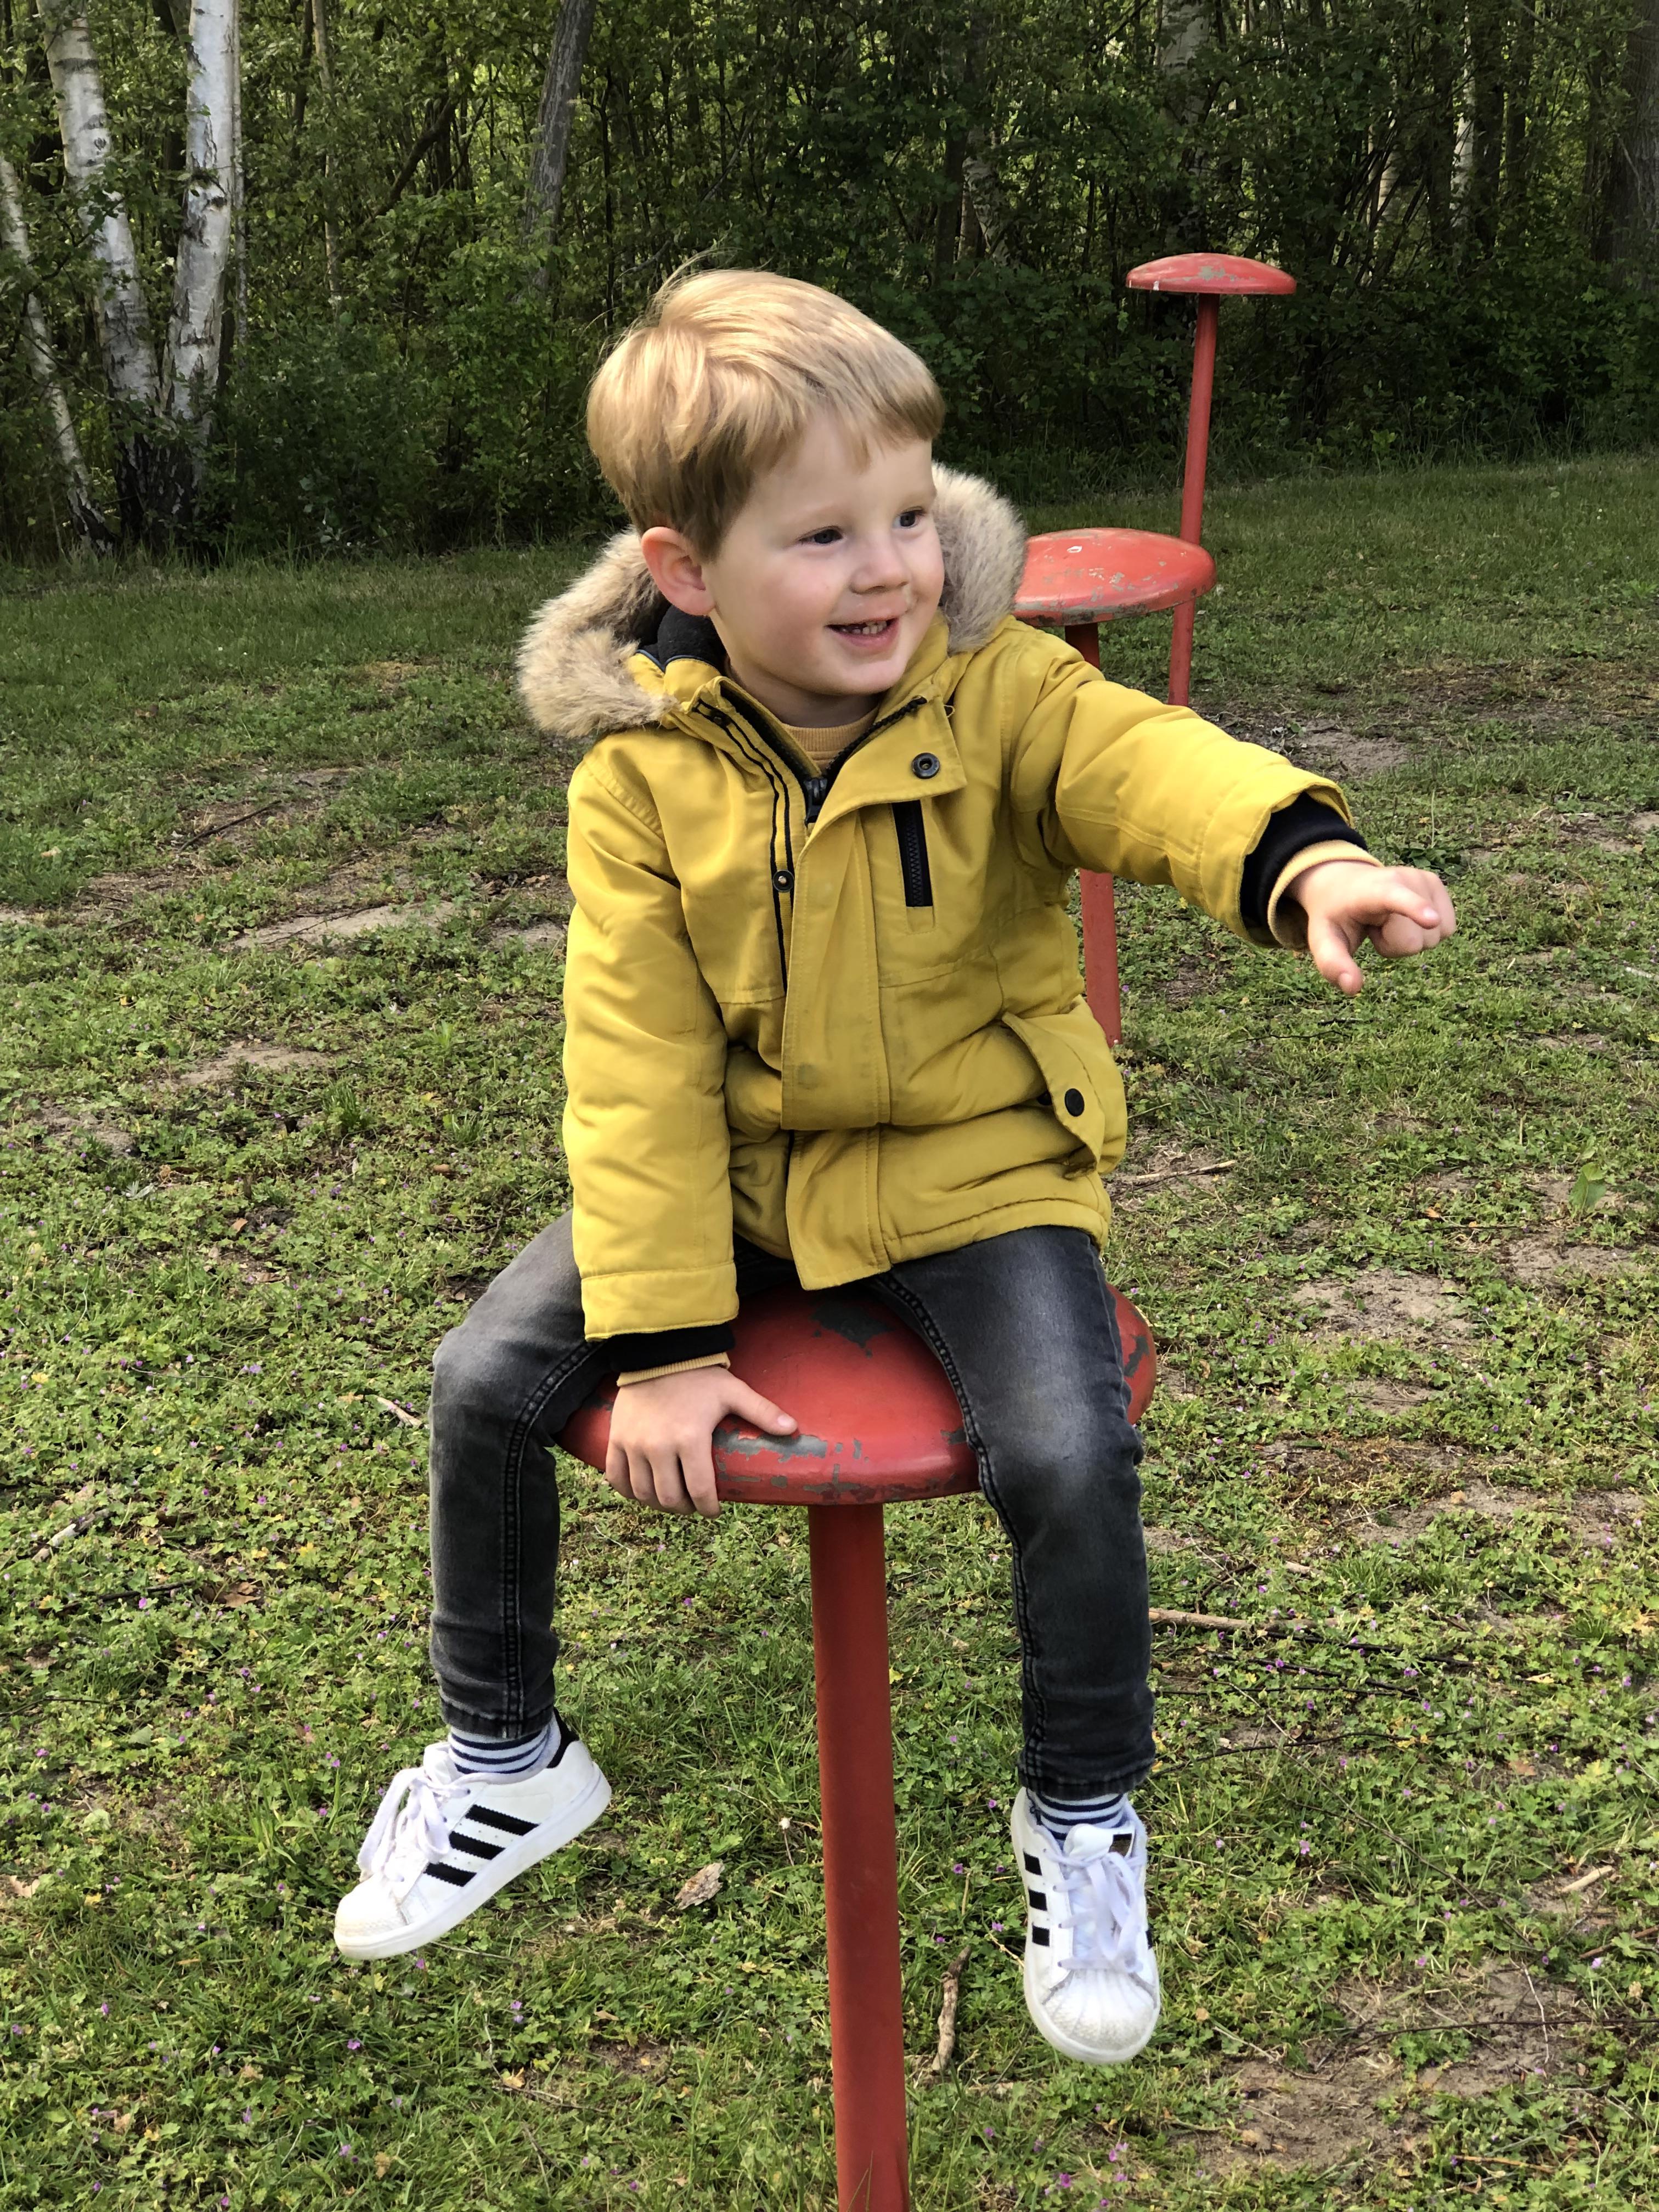 IMG 5533 3024x4032 - 7 x de leukste parken om te bezoeken deze zomer, voor de kleintjes